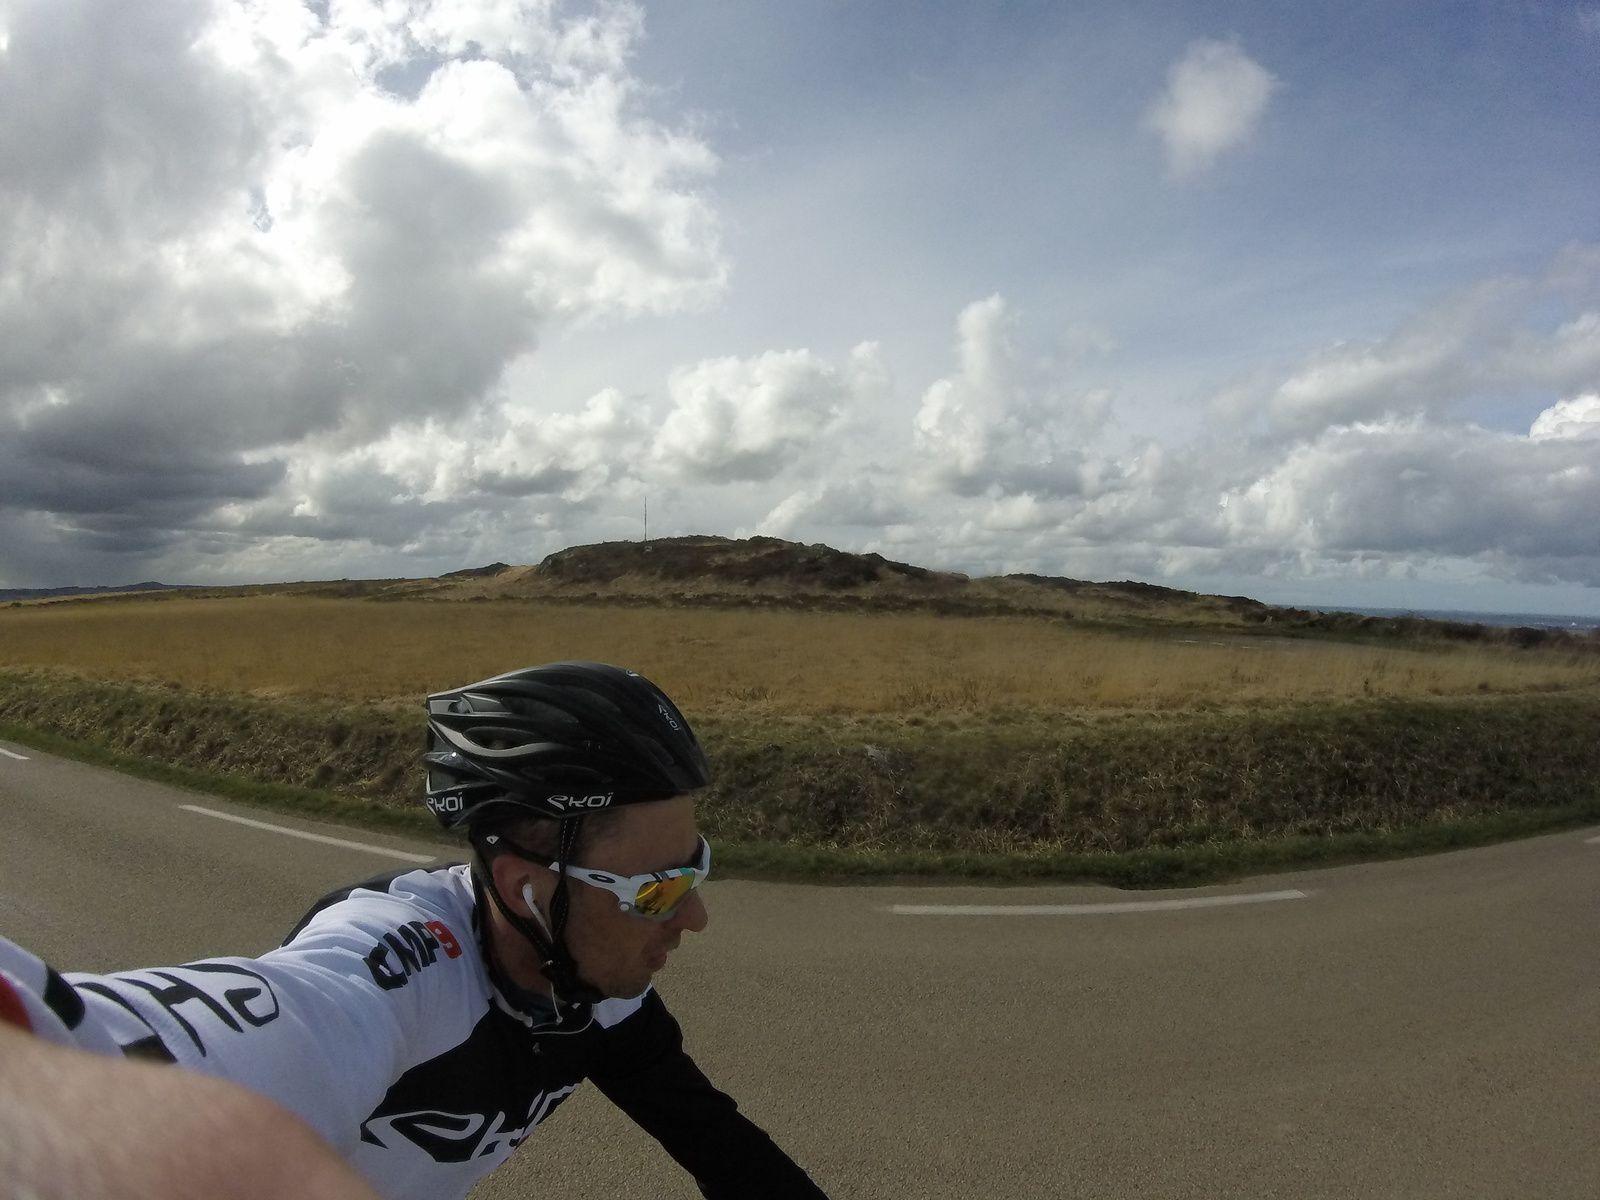 Objectif X'Trem Breizh (Swim, Bike and Run For AAD)... mercredi 22 mars... (S11) sortie foncière souple dans les Montagnes bretonnes sous les averses de pluie et le vent... Au total: 183.88kms en 7h09min21s/ vitesse moyenne: 25.70km/h / Dénivelé + 2425m - 2436m... @suivre